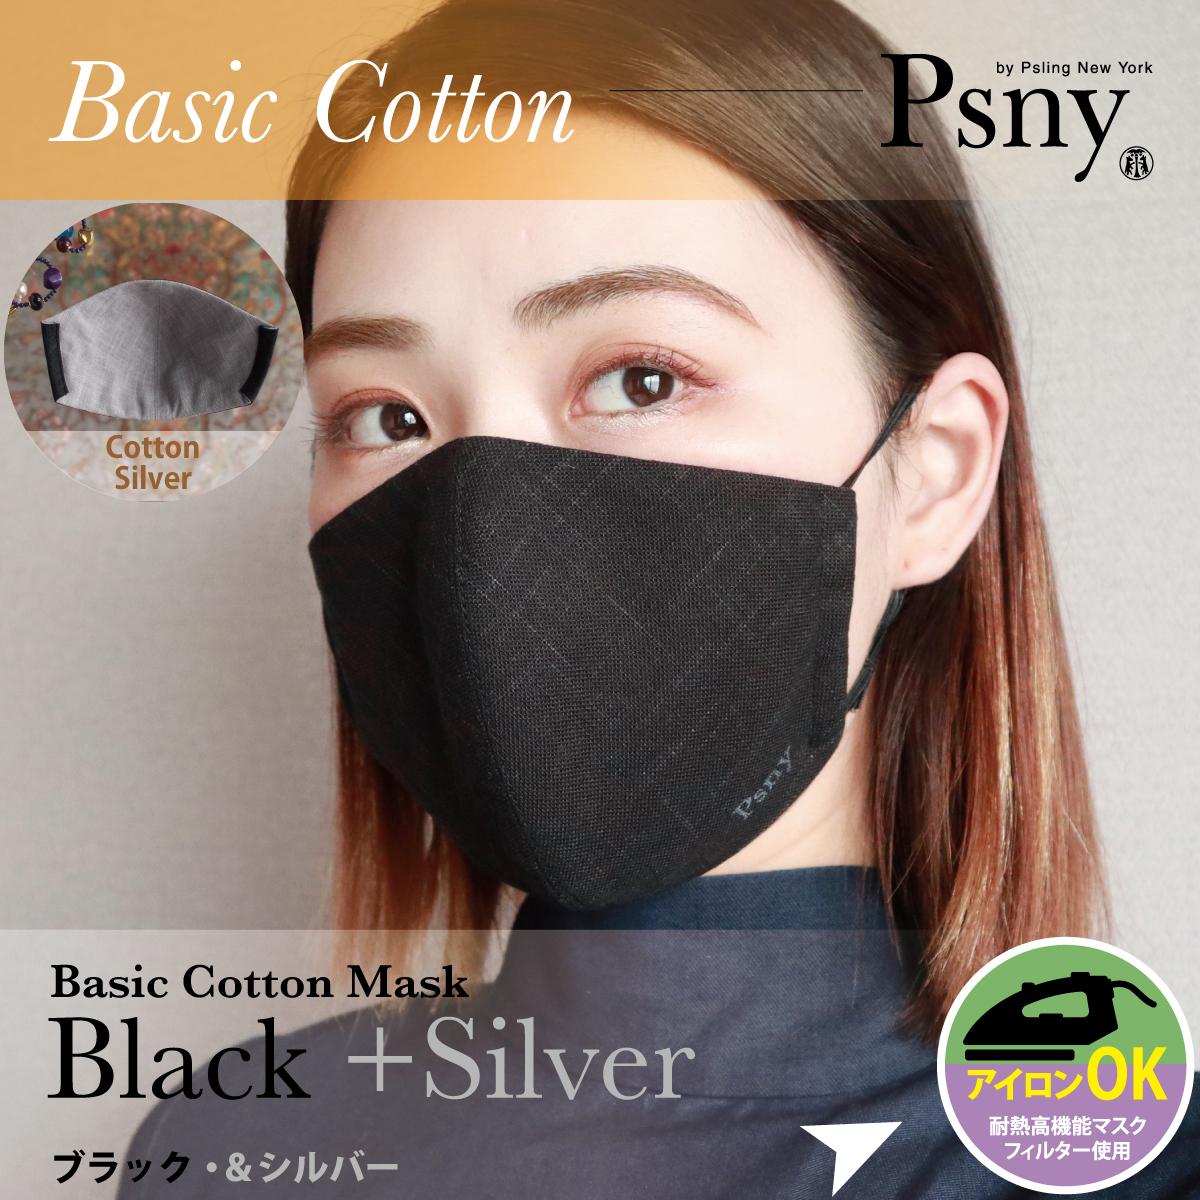 PSNY 送料無料 ベーシック コットン・ブラック&シルバー 花粉 黄砂 不織布フィルター入り 上品 ますく おとな かわいい かっこいい 上品 清潔感 高級 通勤 清潔感 大人用 マスク -CB02